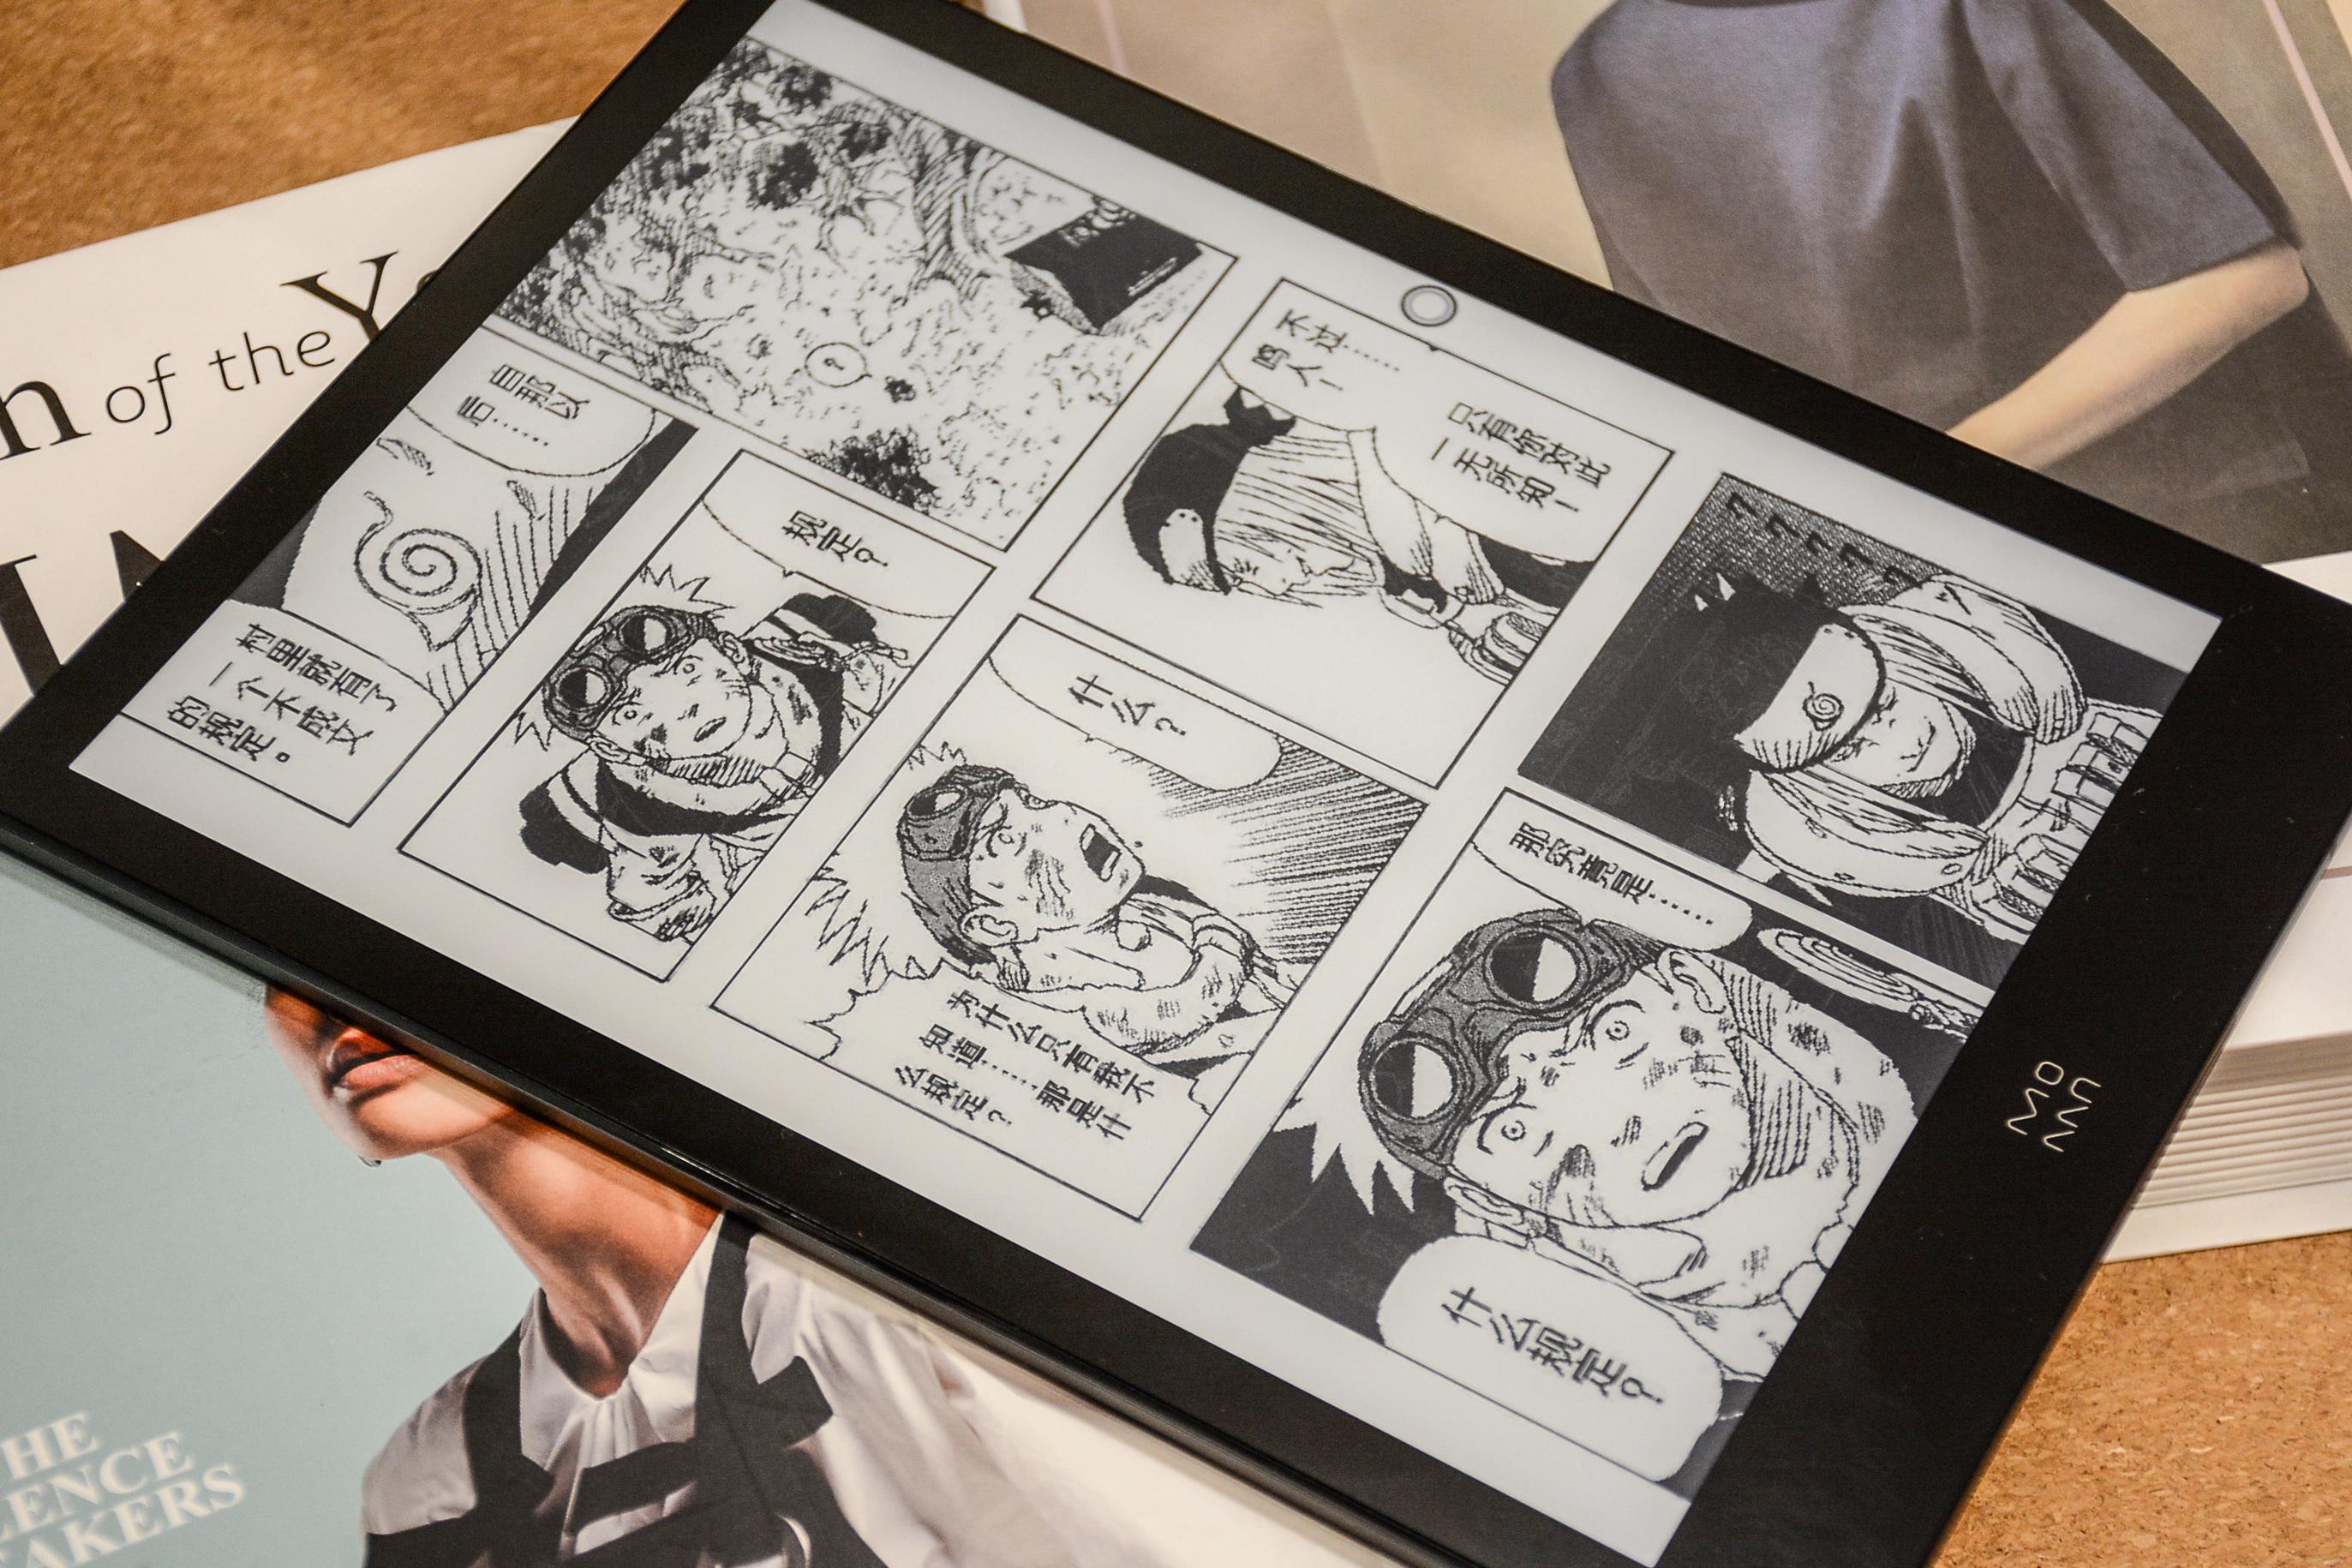 小米墨案电子纸:10寸大屏,勾起学生时代往事